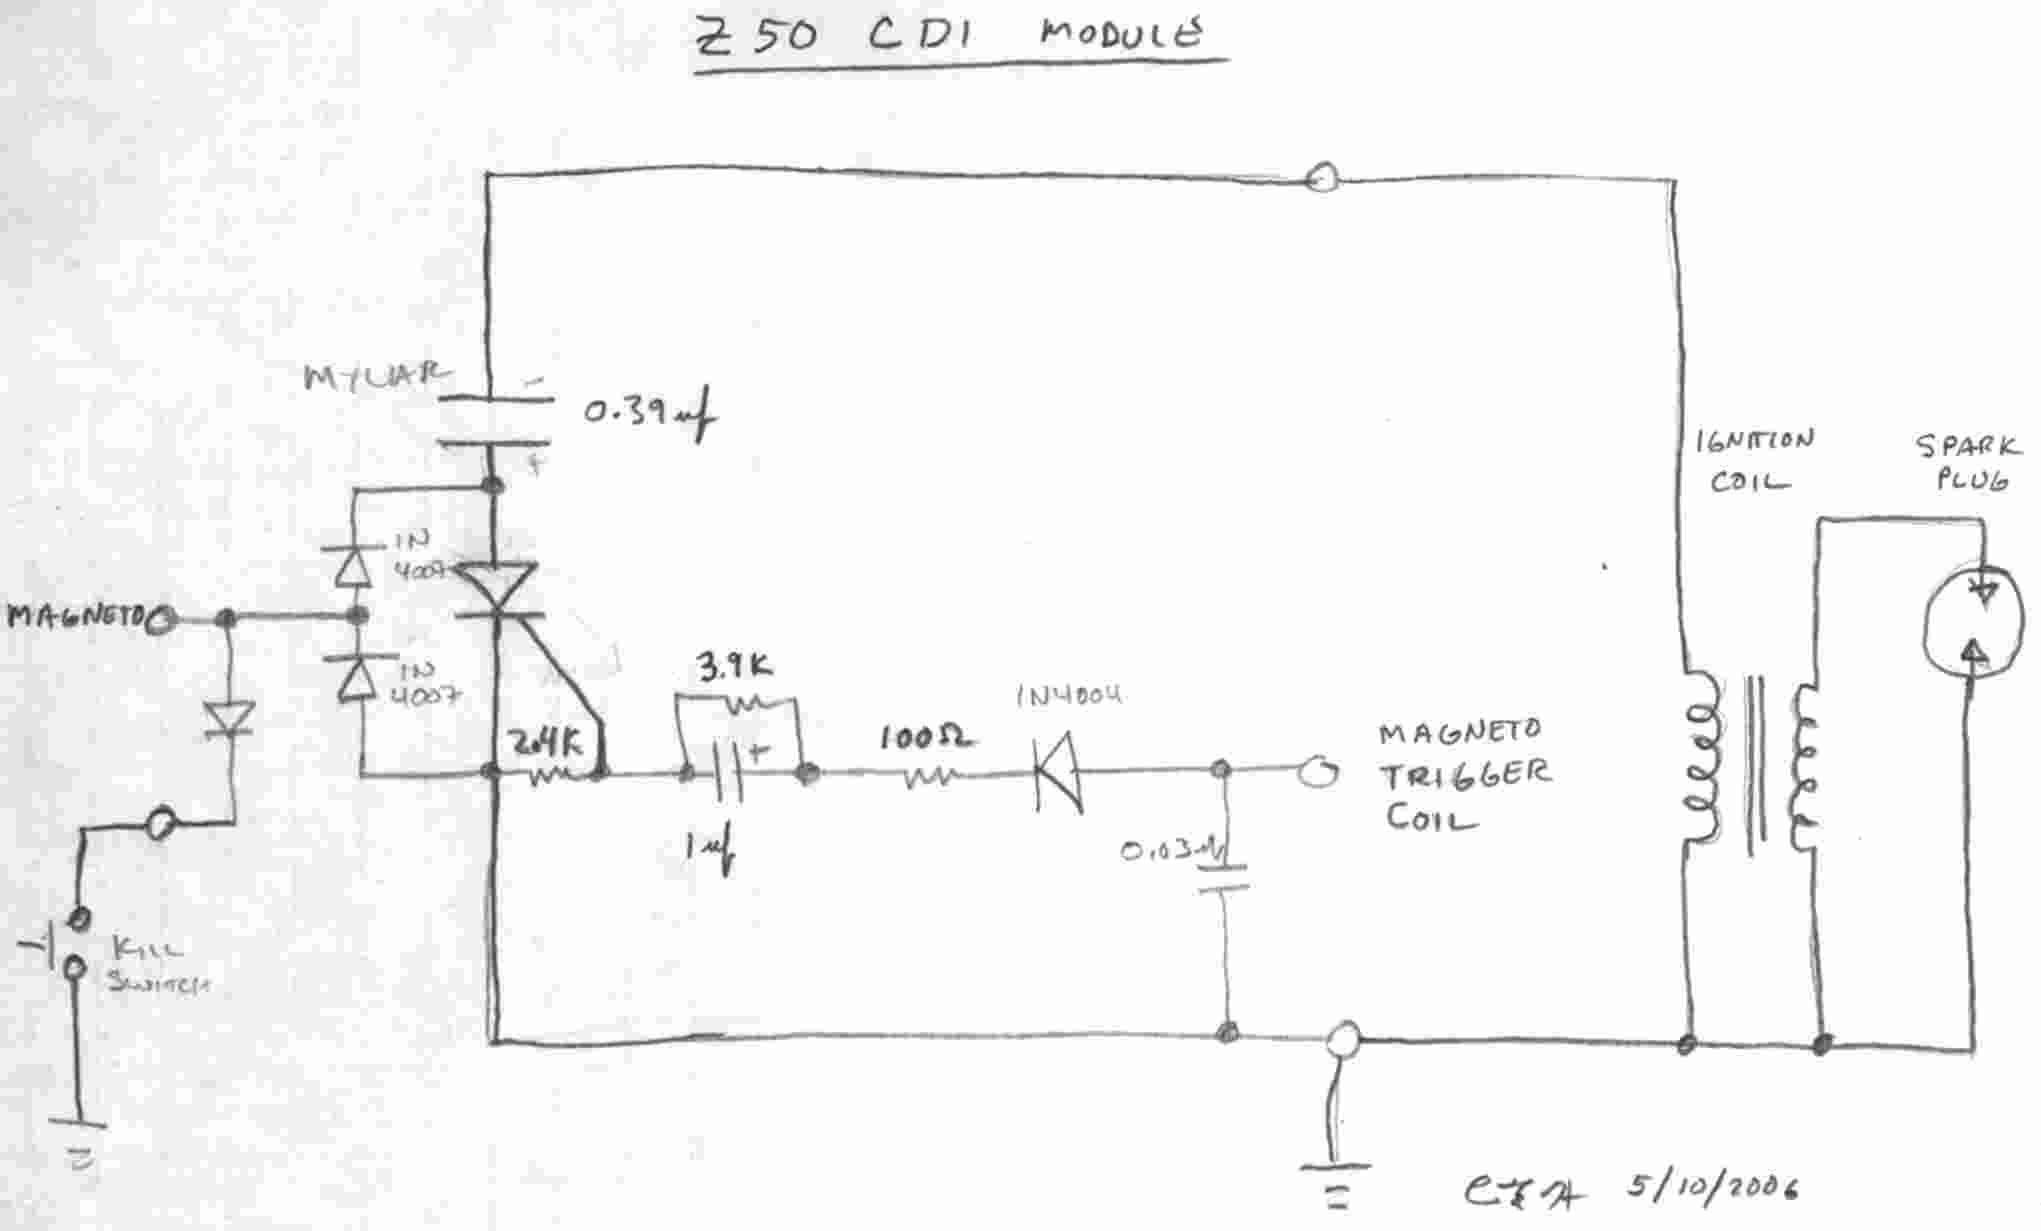 honda sl70 electrical wiring diagram index listing of wiring diagrams 1973 Honda MT250 honda mt250 wiring diagram 8 5 bandidos kastellaun de \\u2022honda s65 wiring diagram wiring diagrams